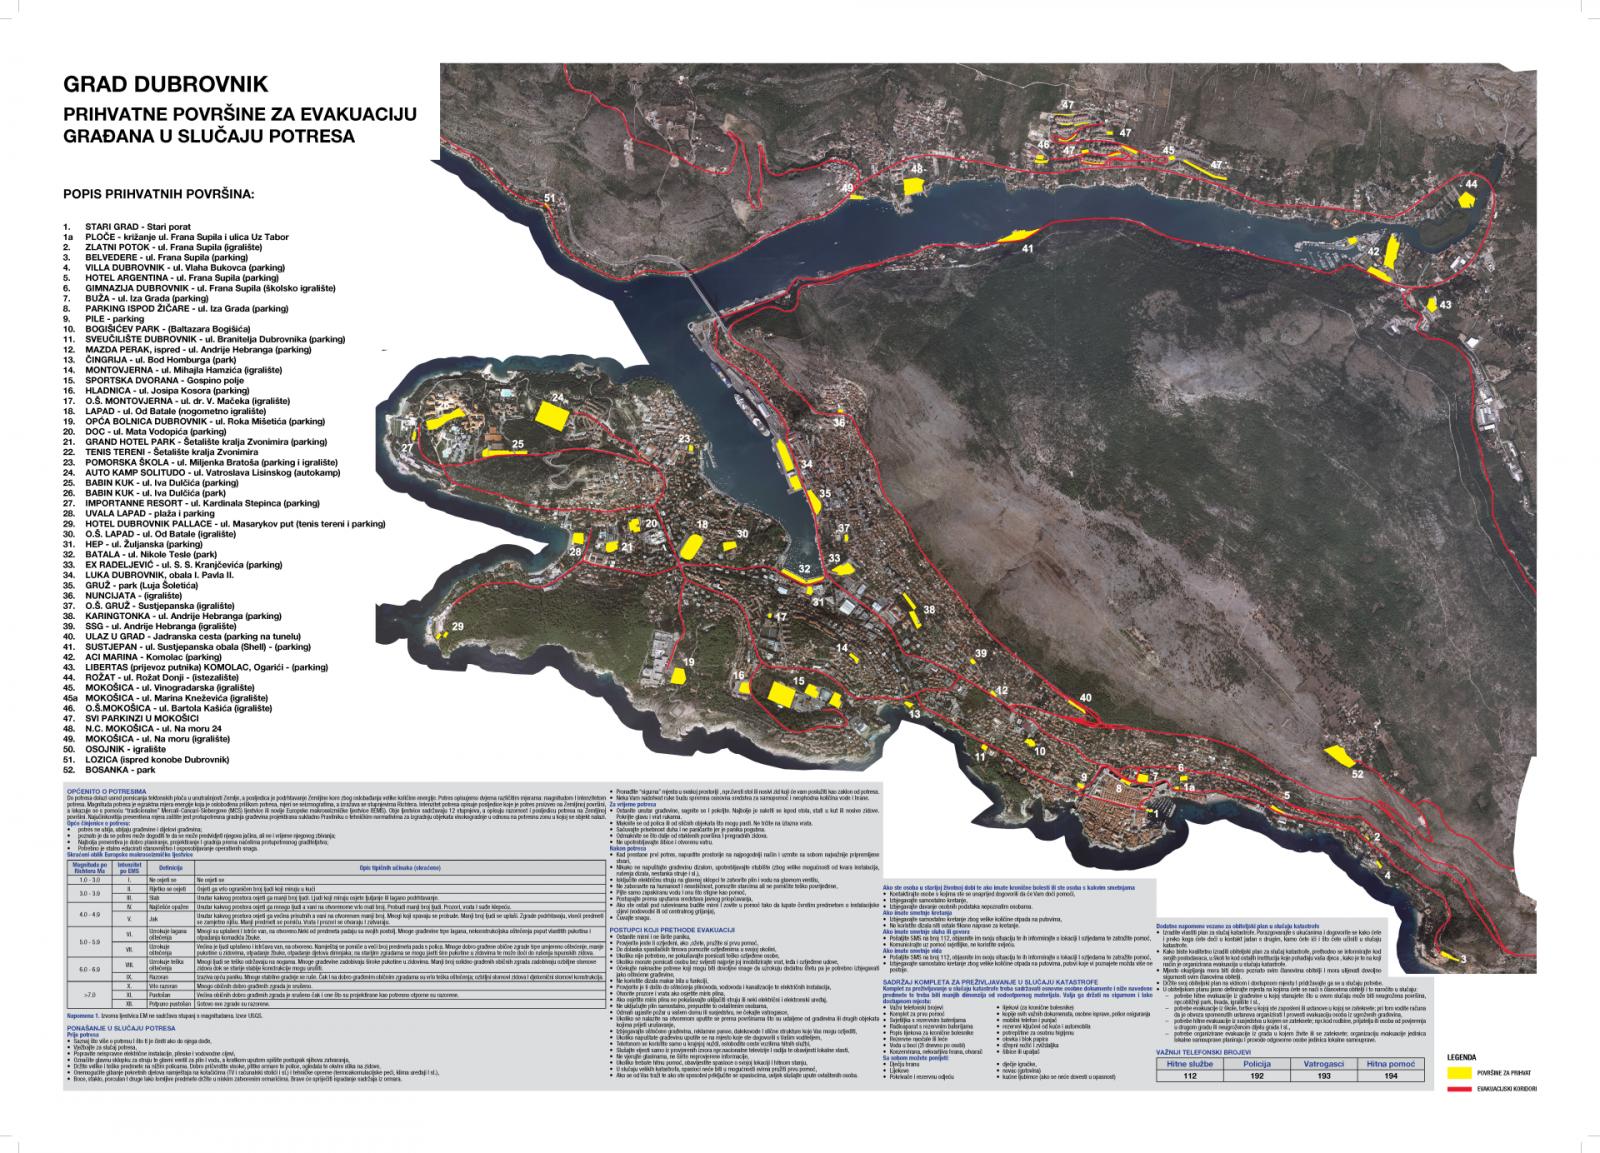 prihvatne površine za evakuaciju grada dubrovnika